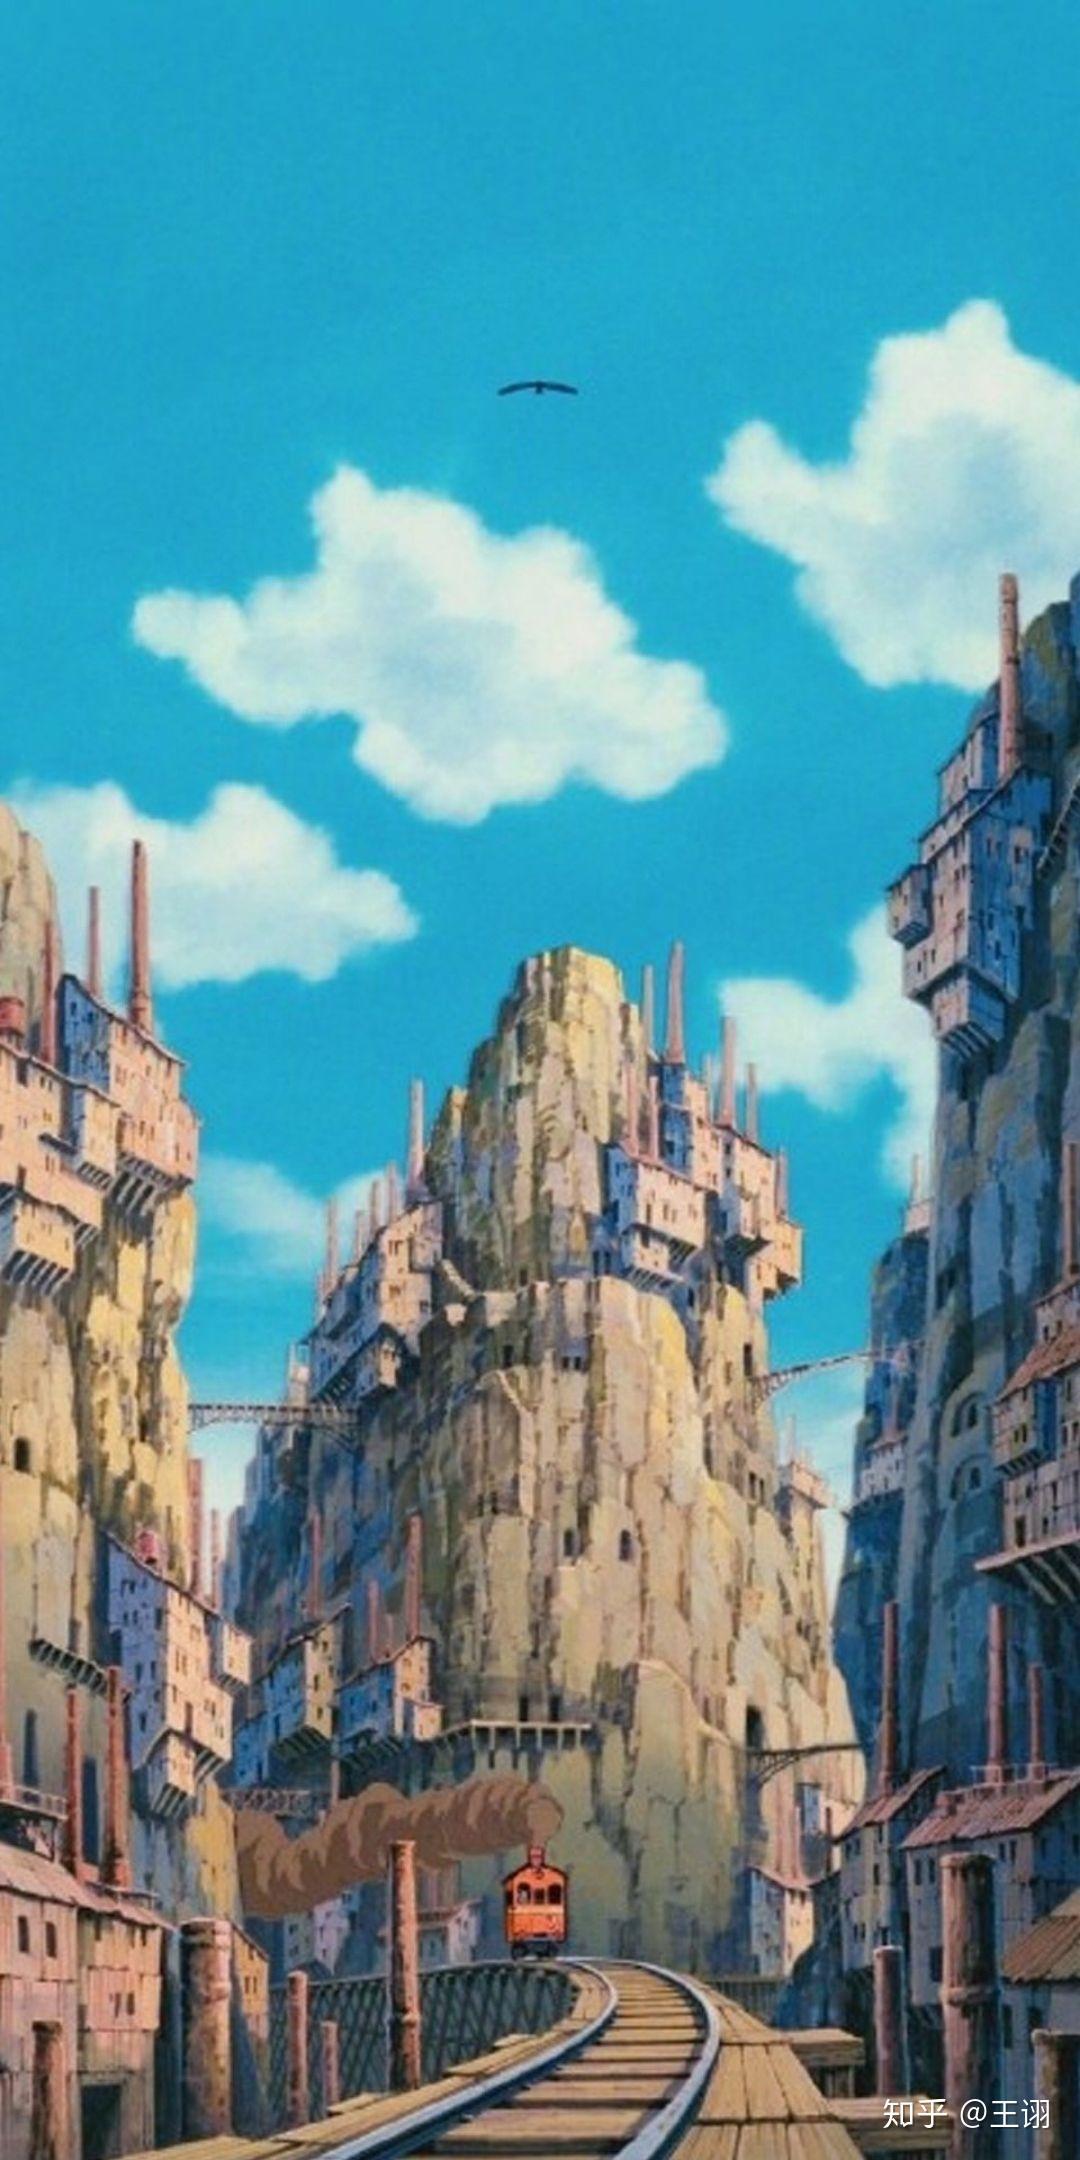 视频_有哪些好看令人难忘的宫崎骏动画里的高清桌面壁纸-知乎